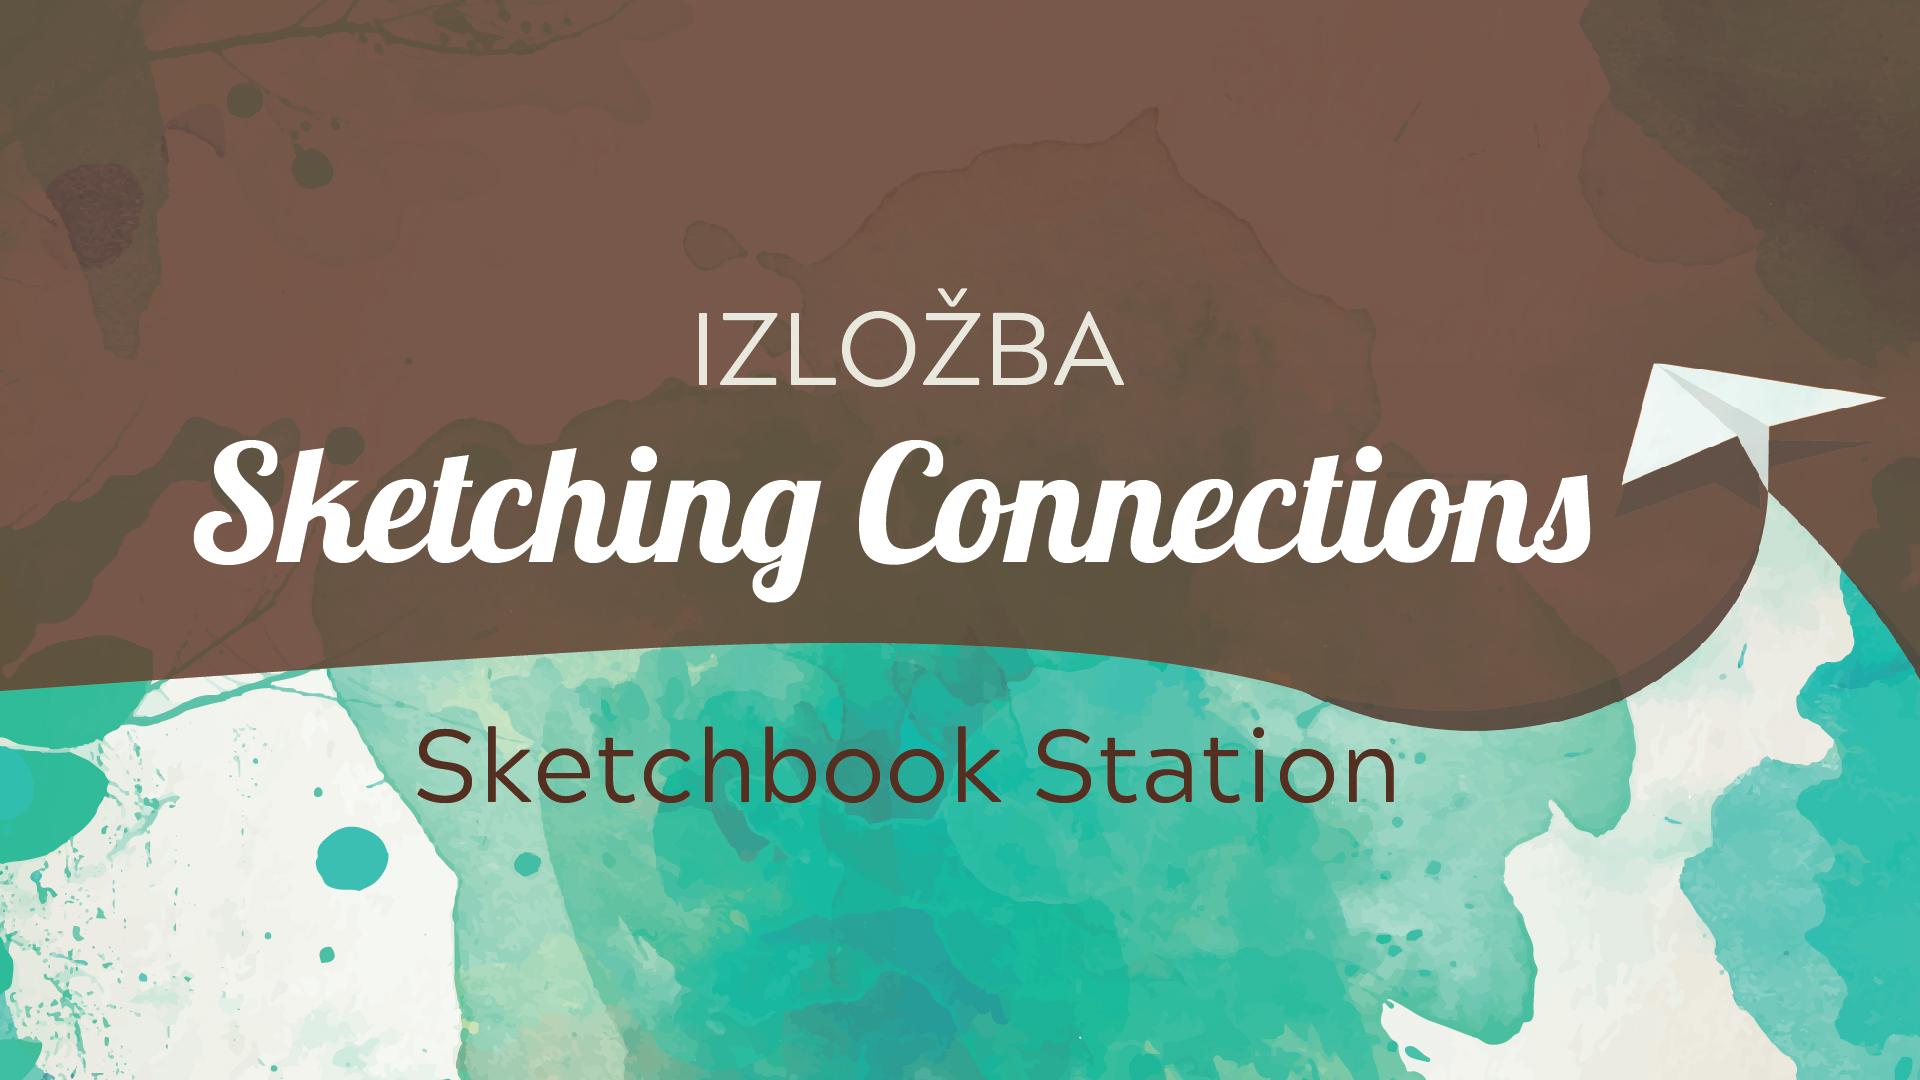 Galerija Laval Nugent: Sketchbook Station - Sketching connections